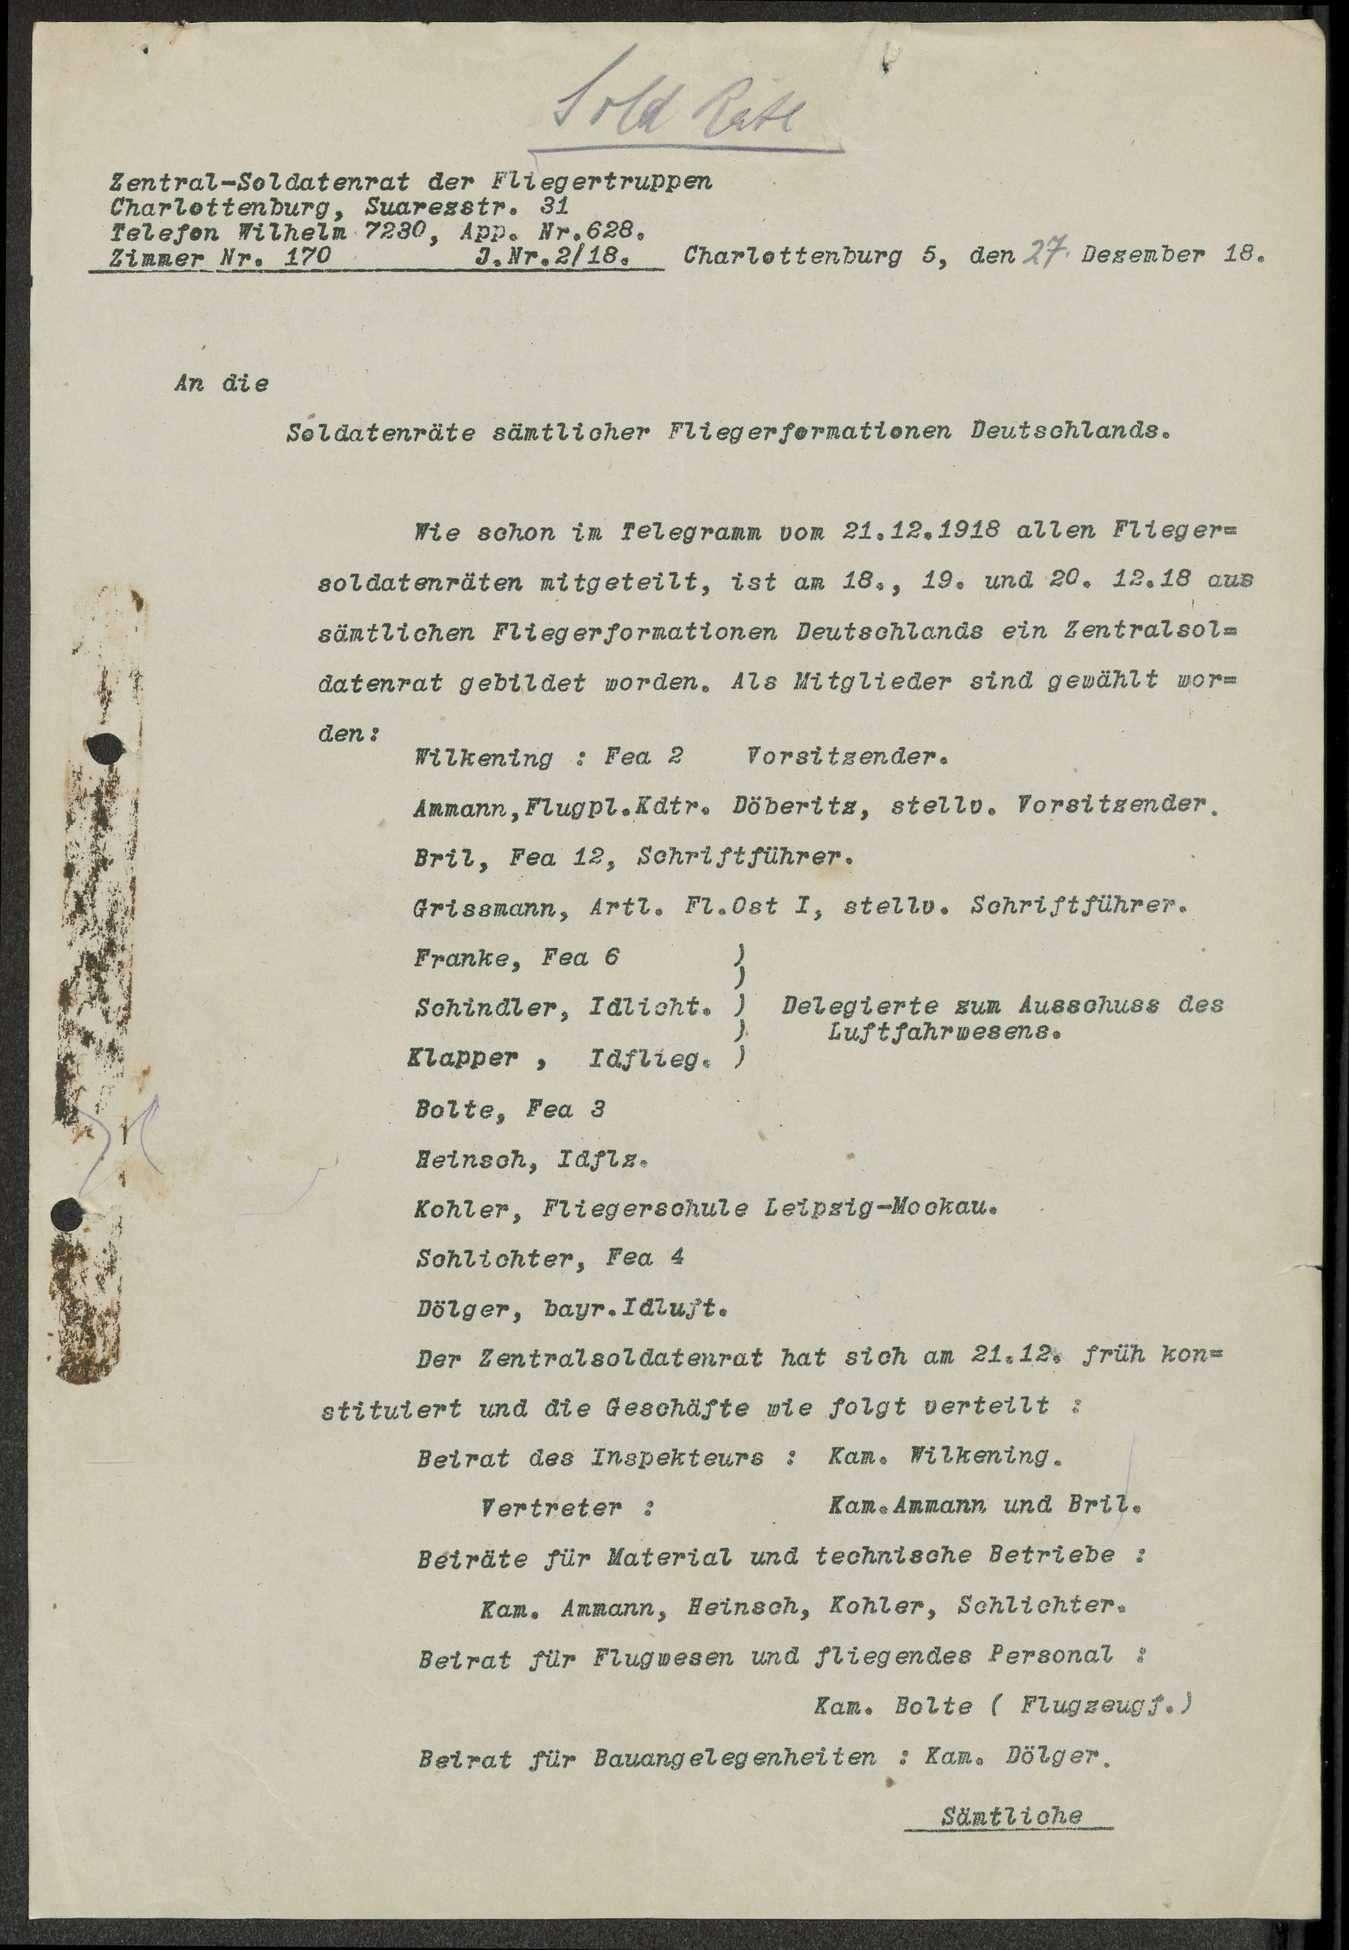 Bildung des Zentralsoldatenrats der Fliegertruppen, Protokoll des Delegiertentags der deutschen Fliegerverbände in (Berlin-) Charlottenburg, Bild 3